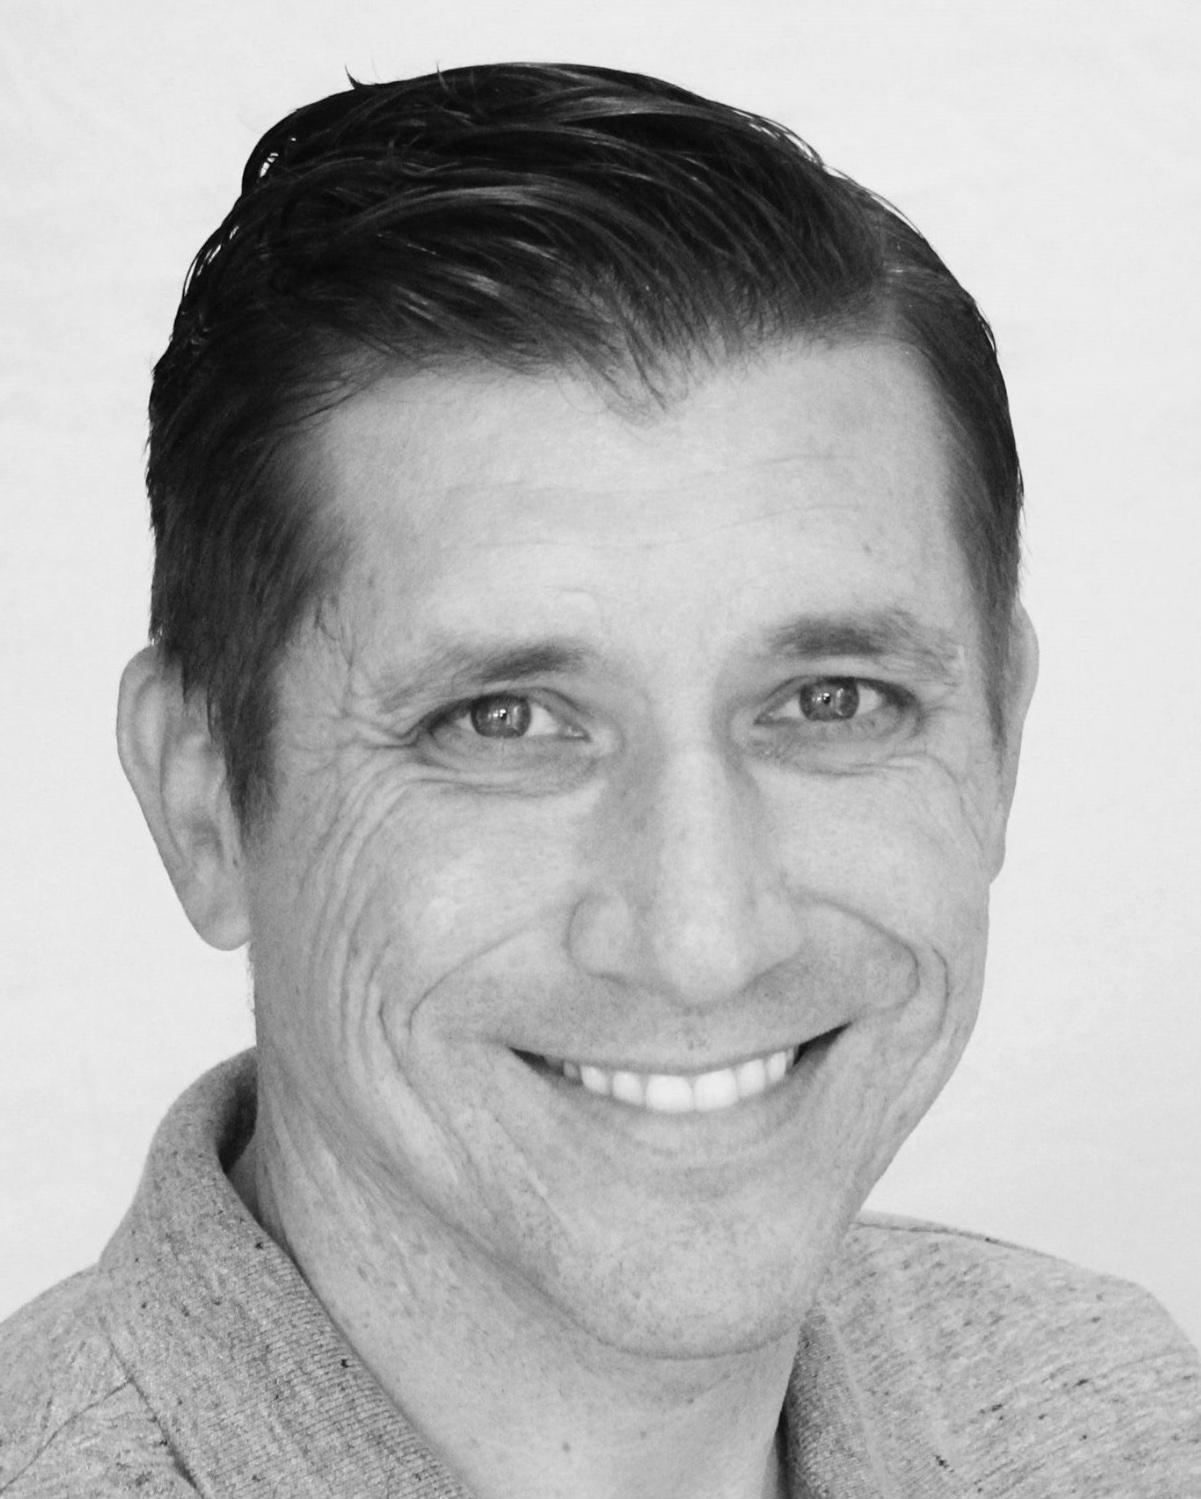 Jason Mitschke